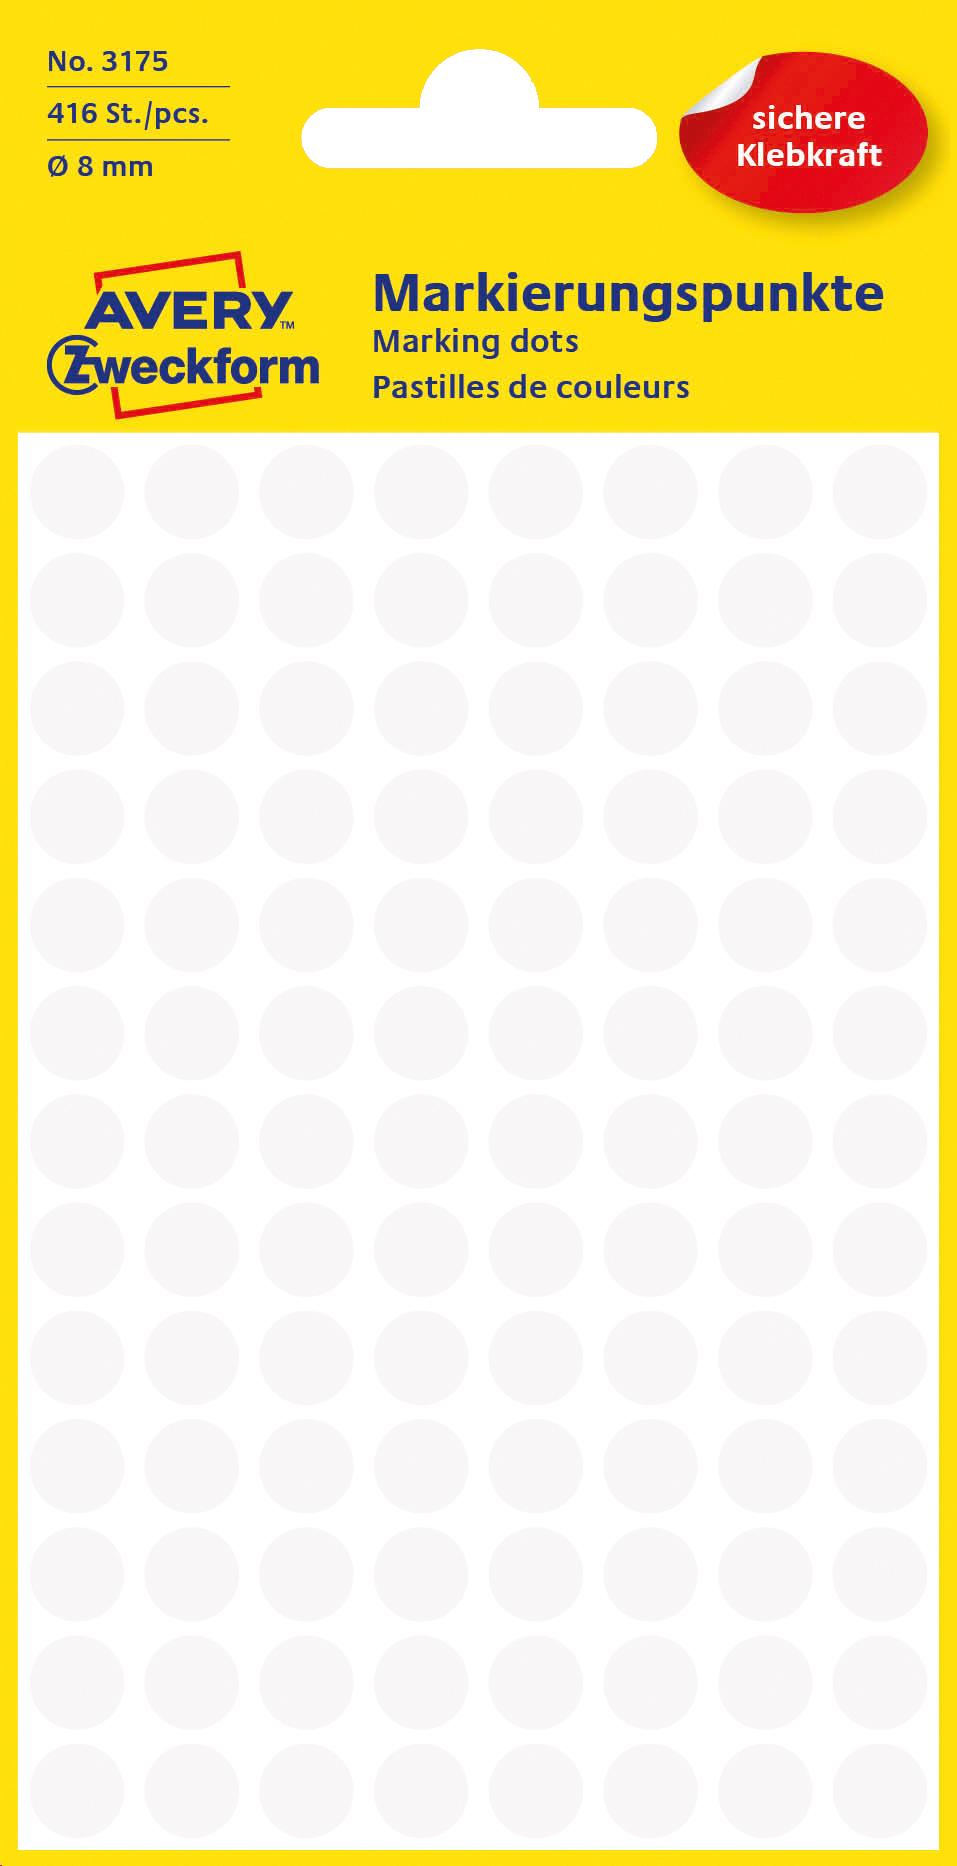 Avery 3041 Etiketter for håndskrift Ø 8 (416)